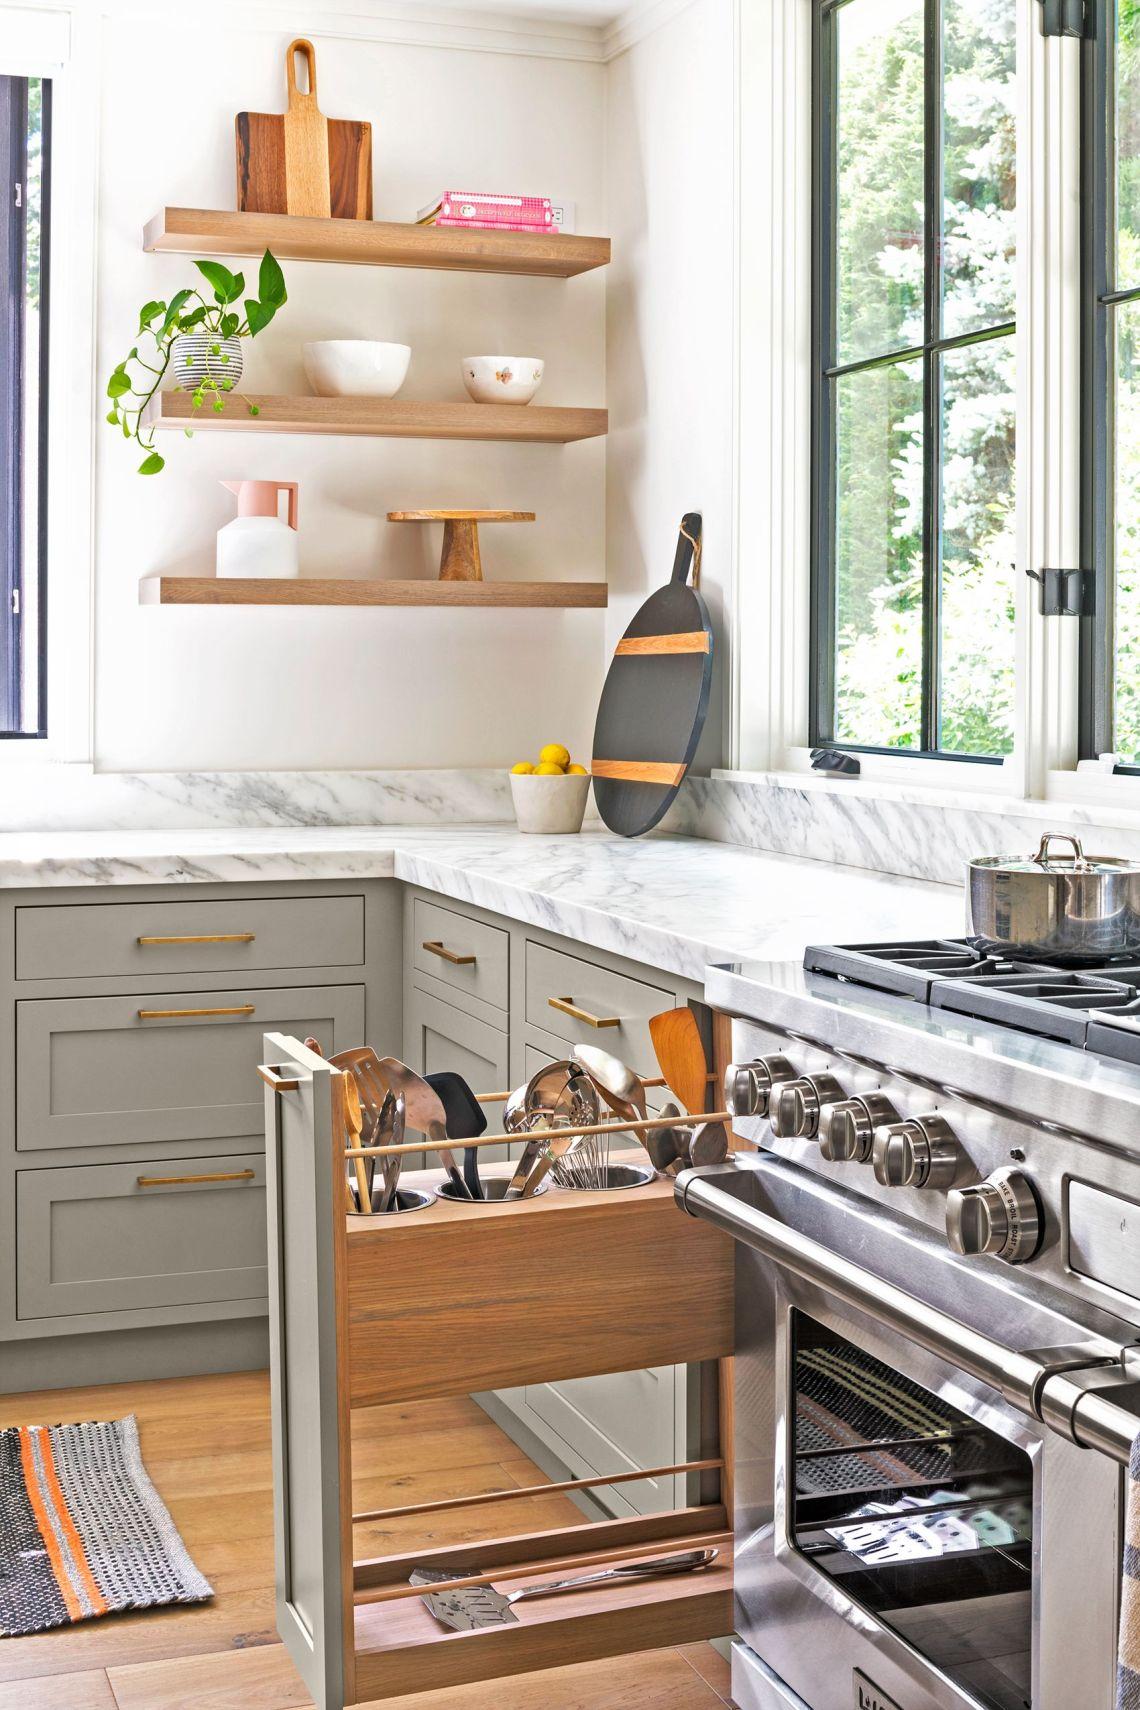 38 Unique Kitchen Storage Ideas The Best Storage Solutions For Kitchens